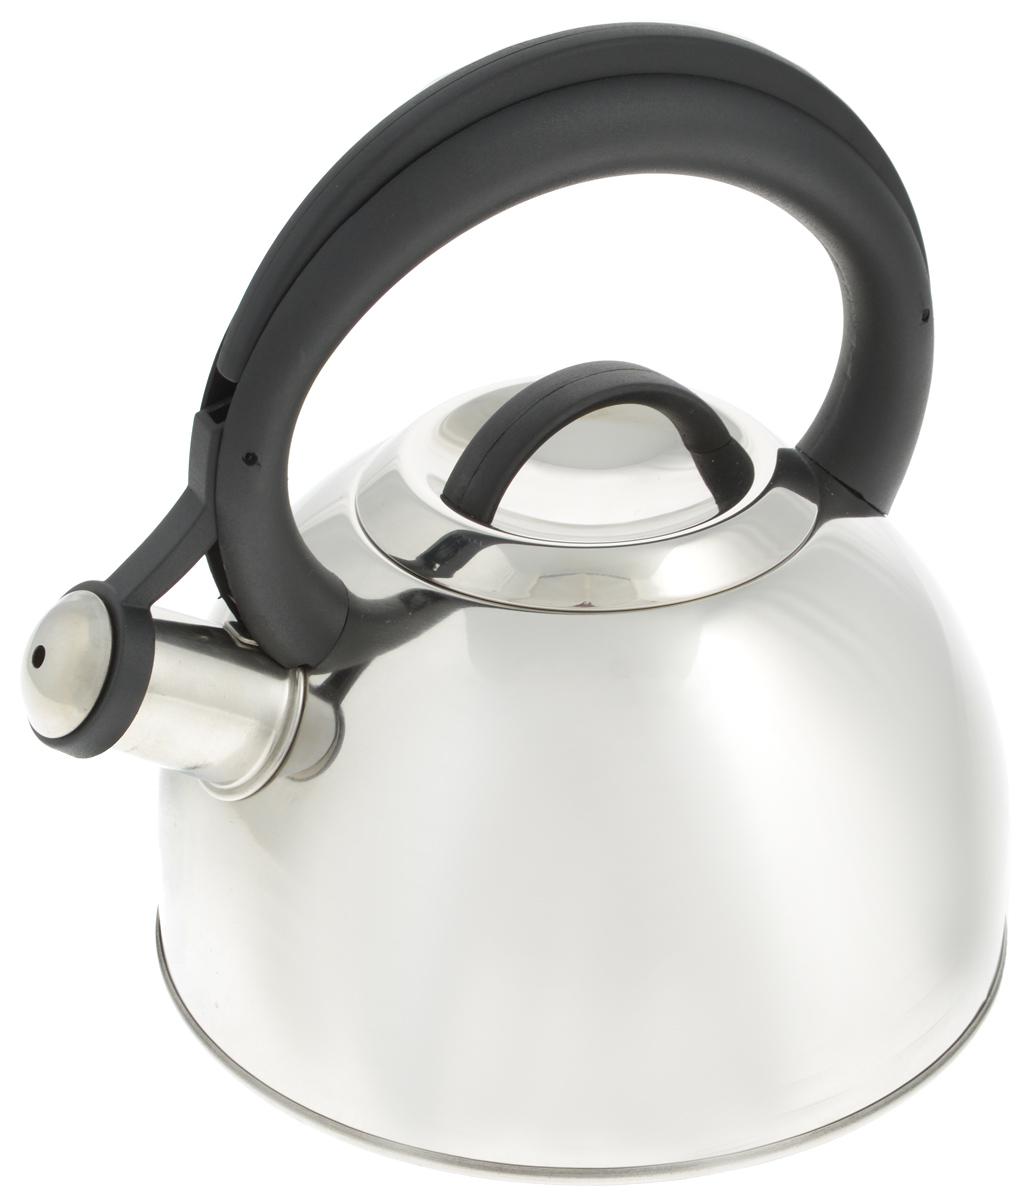 Чайник Tescoma Corona, со свистком, 2 л677460Чайник Tescoma Corona изготовлен из высококачественной нержавеющей стали с многослойным дном. Нержавеющая сталь обладает высокой устойчивостью к коррозии, не вступает в реакцию с холодными и горячими продуктами и полностью сохраняет их вкусовые качества. Особая конструкция дна способствует высокой теплопроводности и равномерному распределению тепла. Чайник оснащен жаропрочной пластиковой ручкой. Носик чайника имеет откидной свисток, звуковой сигнал которого подскажет, когда закипит вода. Подходит для всех типов плит, включая индукционные. Диаметр чайника (по верхнему краю): 10 см.Высота чайника (без учета ручки и крышки): 11,5 см.Высота чайника (с учетом ручки): 23 см.